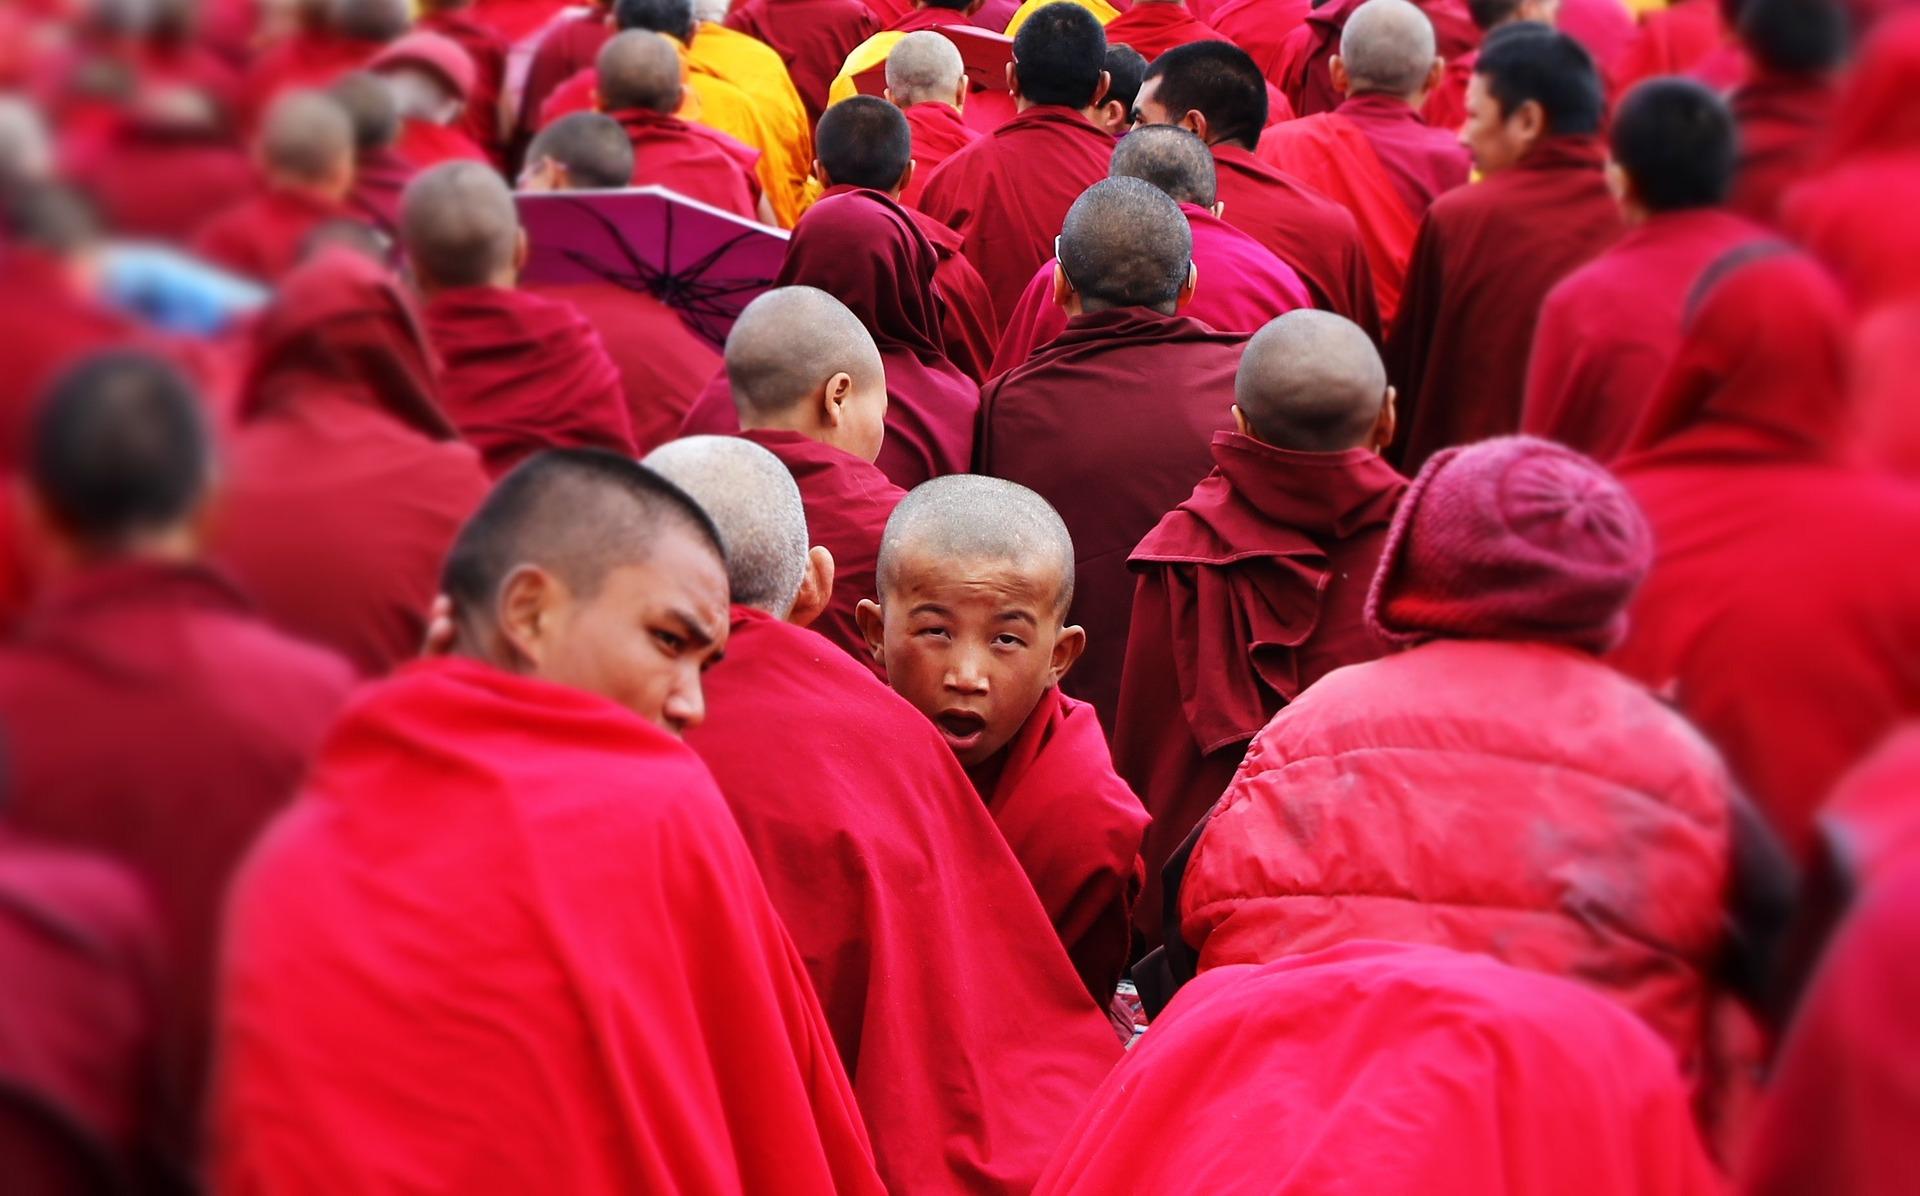 the-monks-722463_1920.jpg